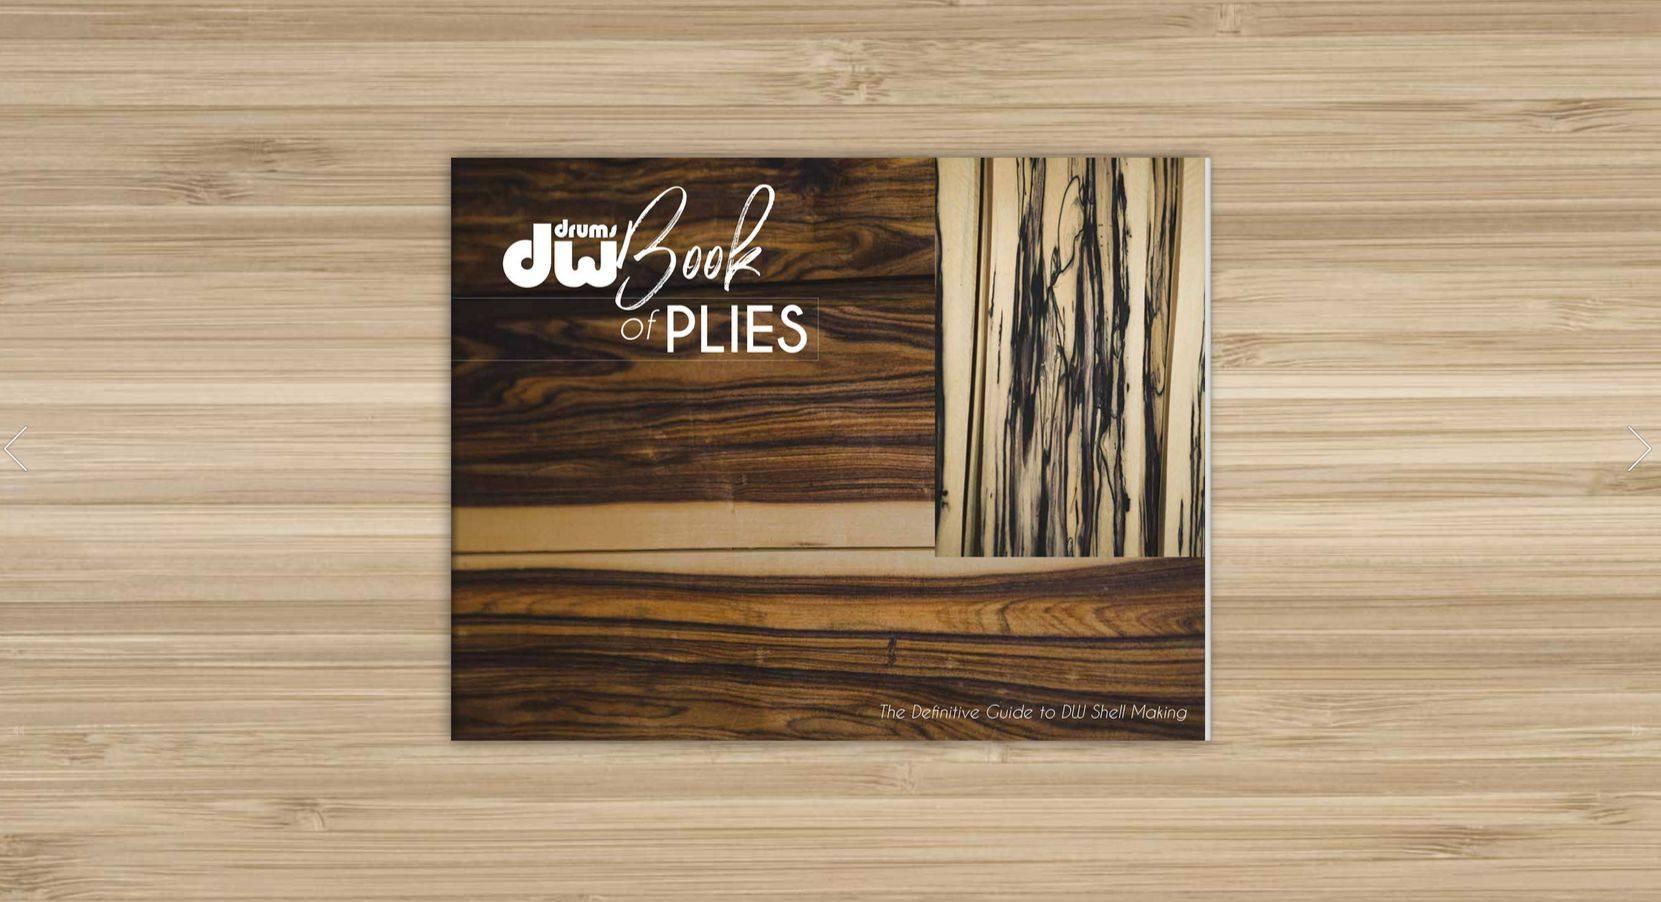 DW Drums, John Good, The Book Of Plies